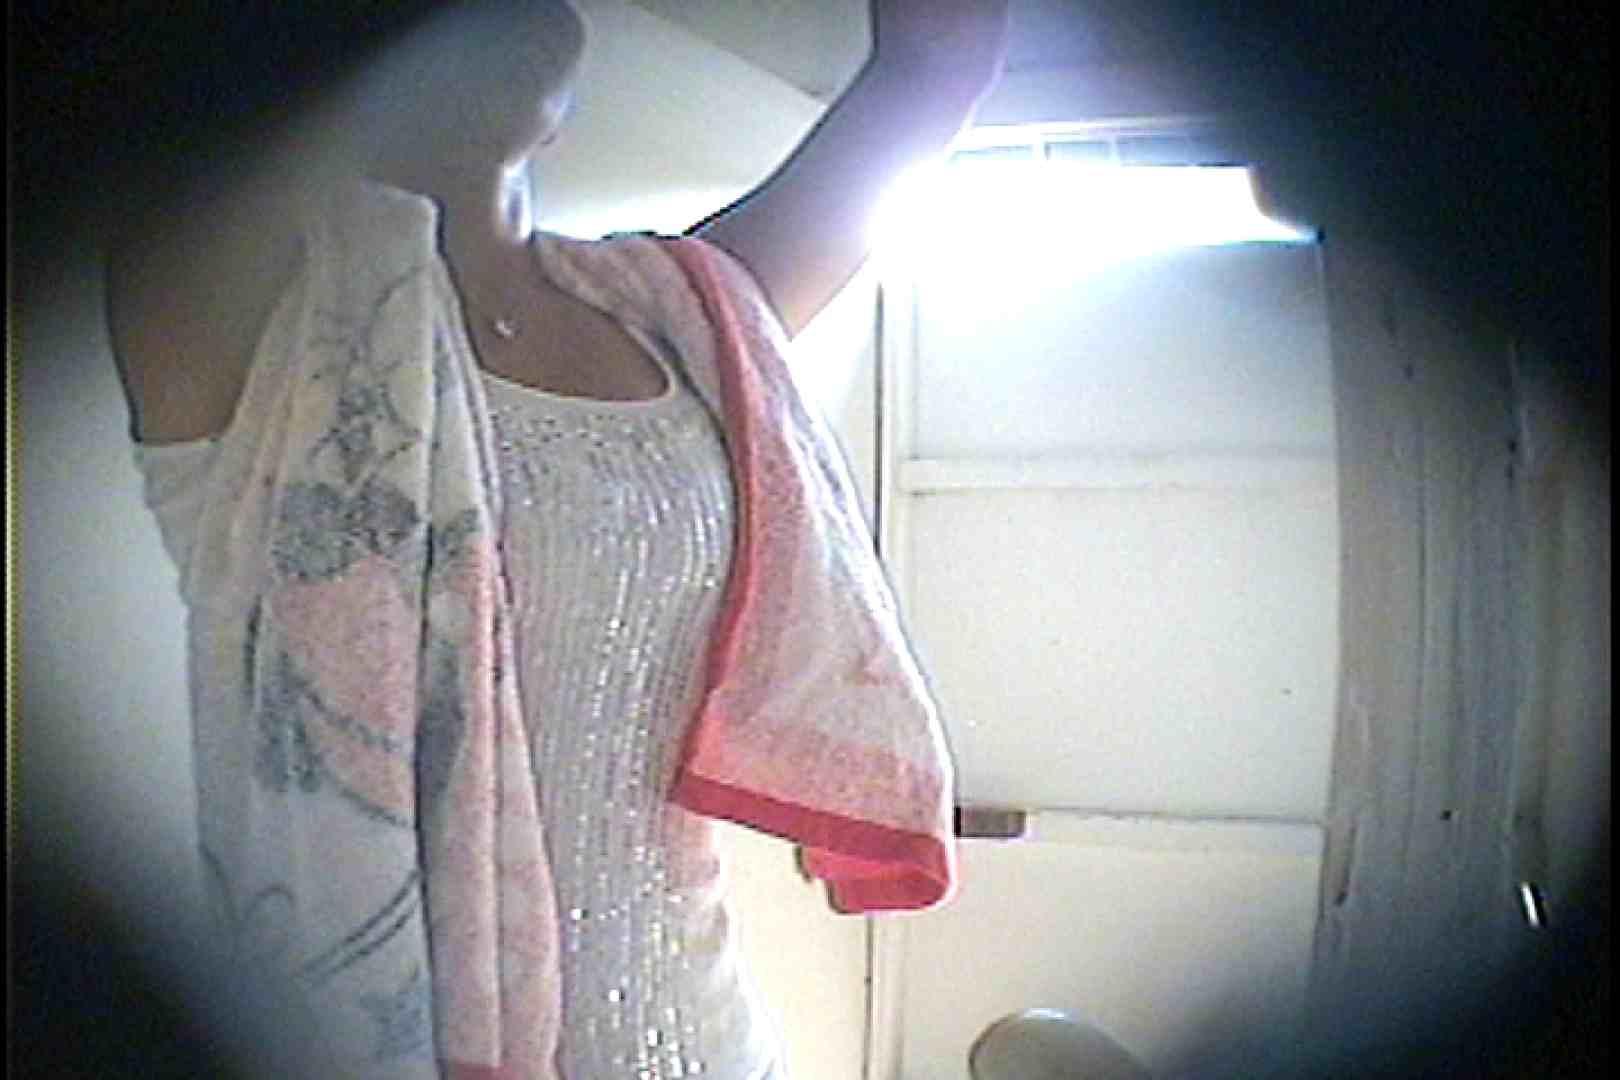 海の家の更衣室 Vol.26 OLのボディ   美女のボディ  88PIX 10